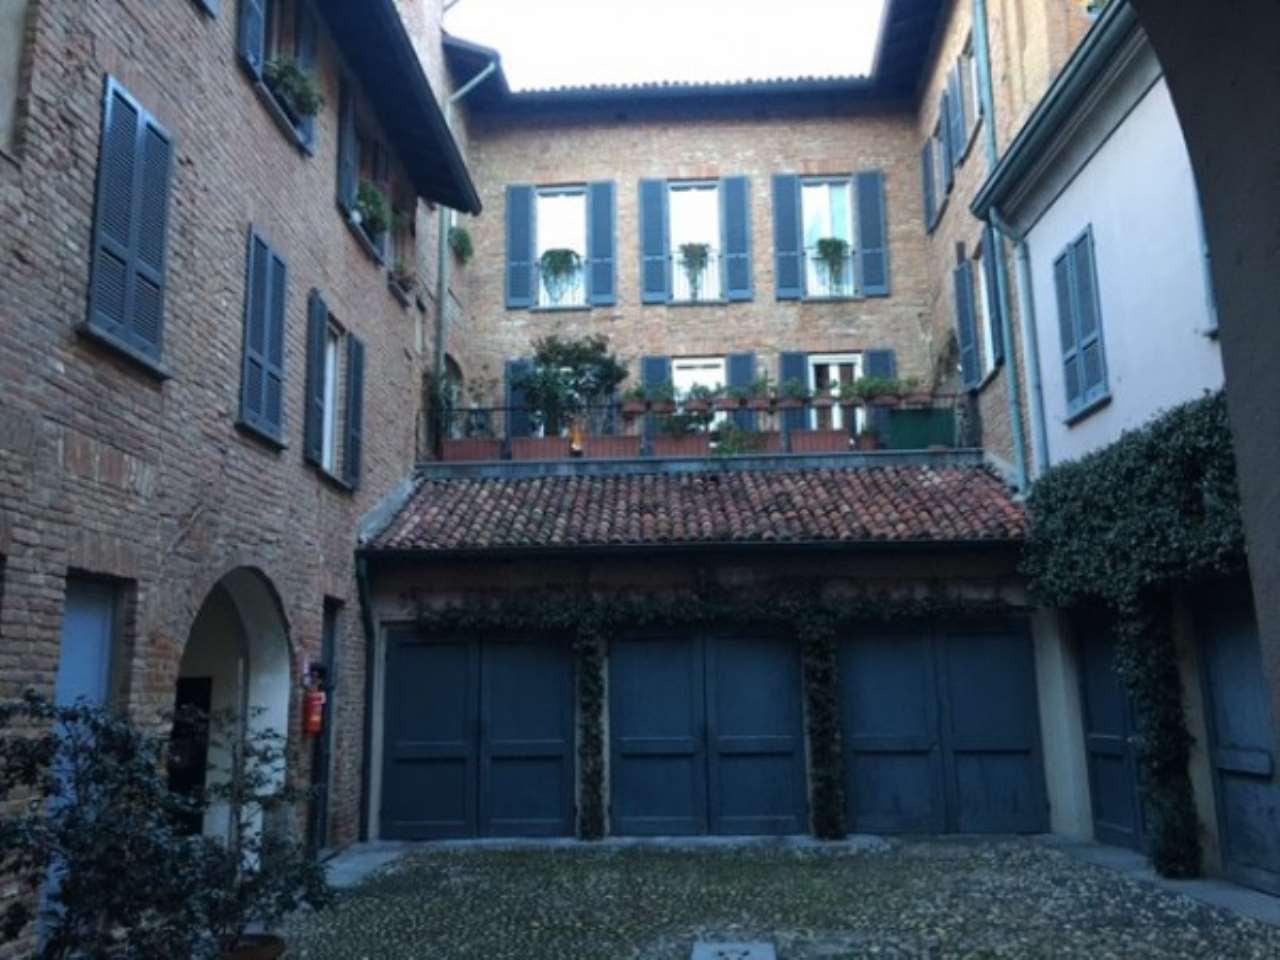 Ufficio / Studio in affitto a Pavia, 3 locali, prezzo € 1.200 | Cambio Casa.it